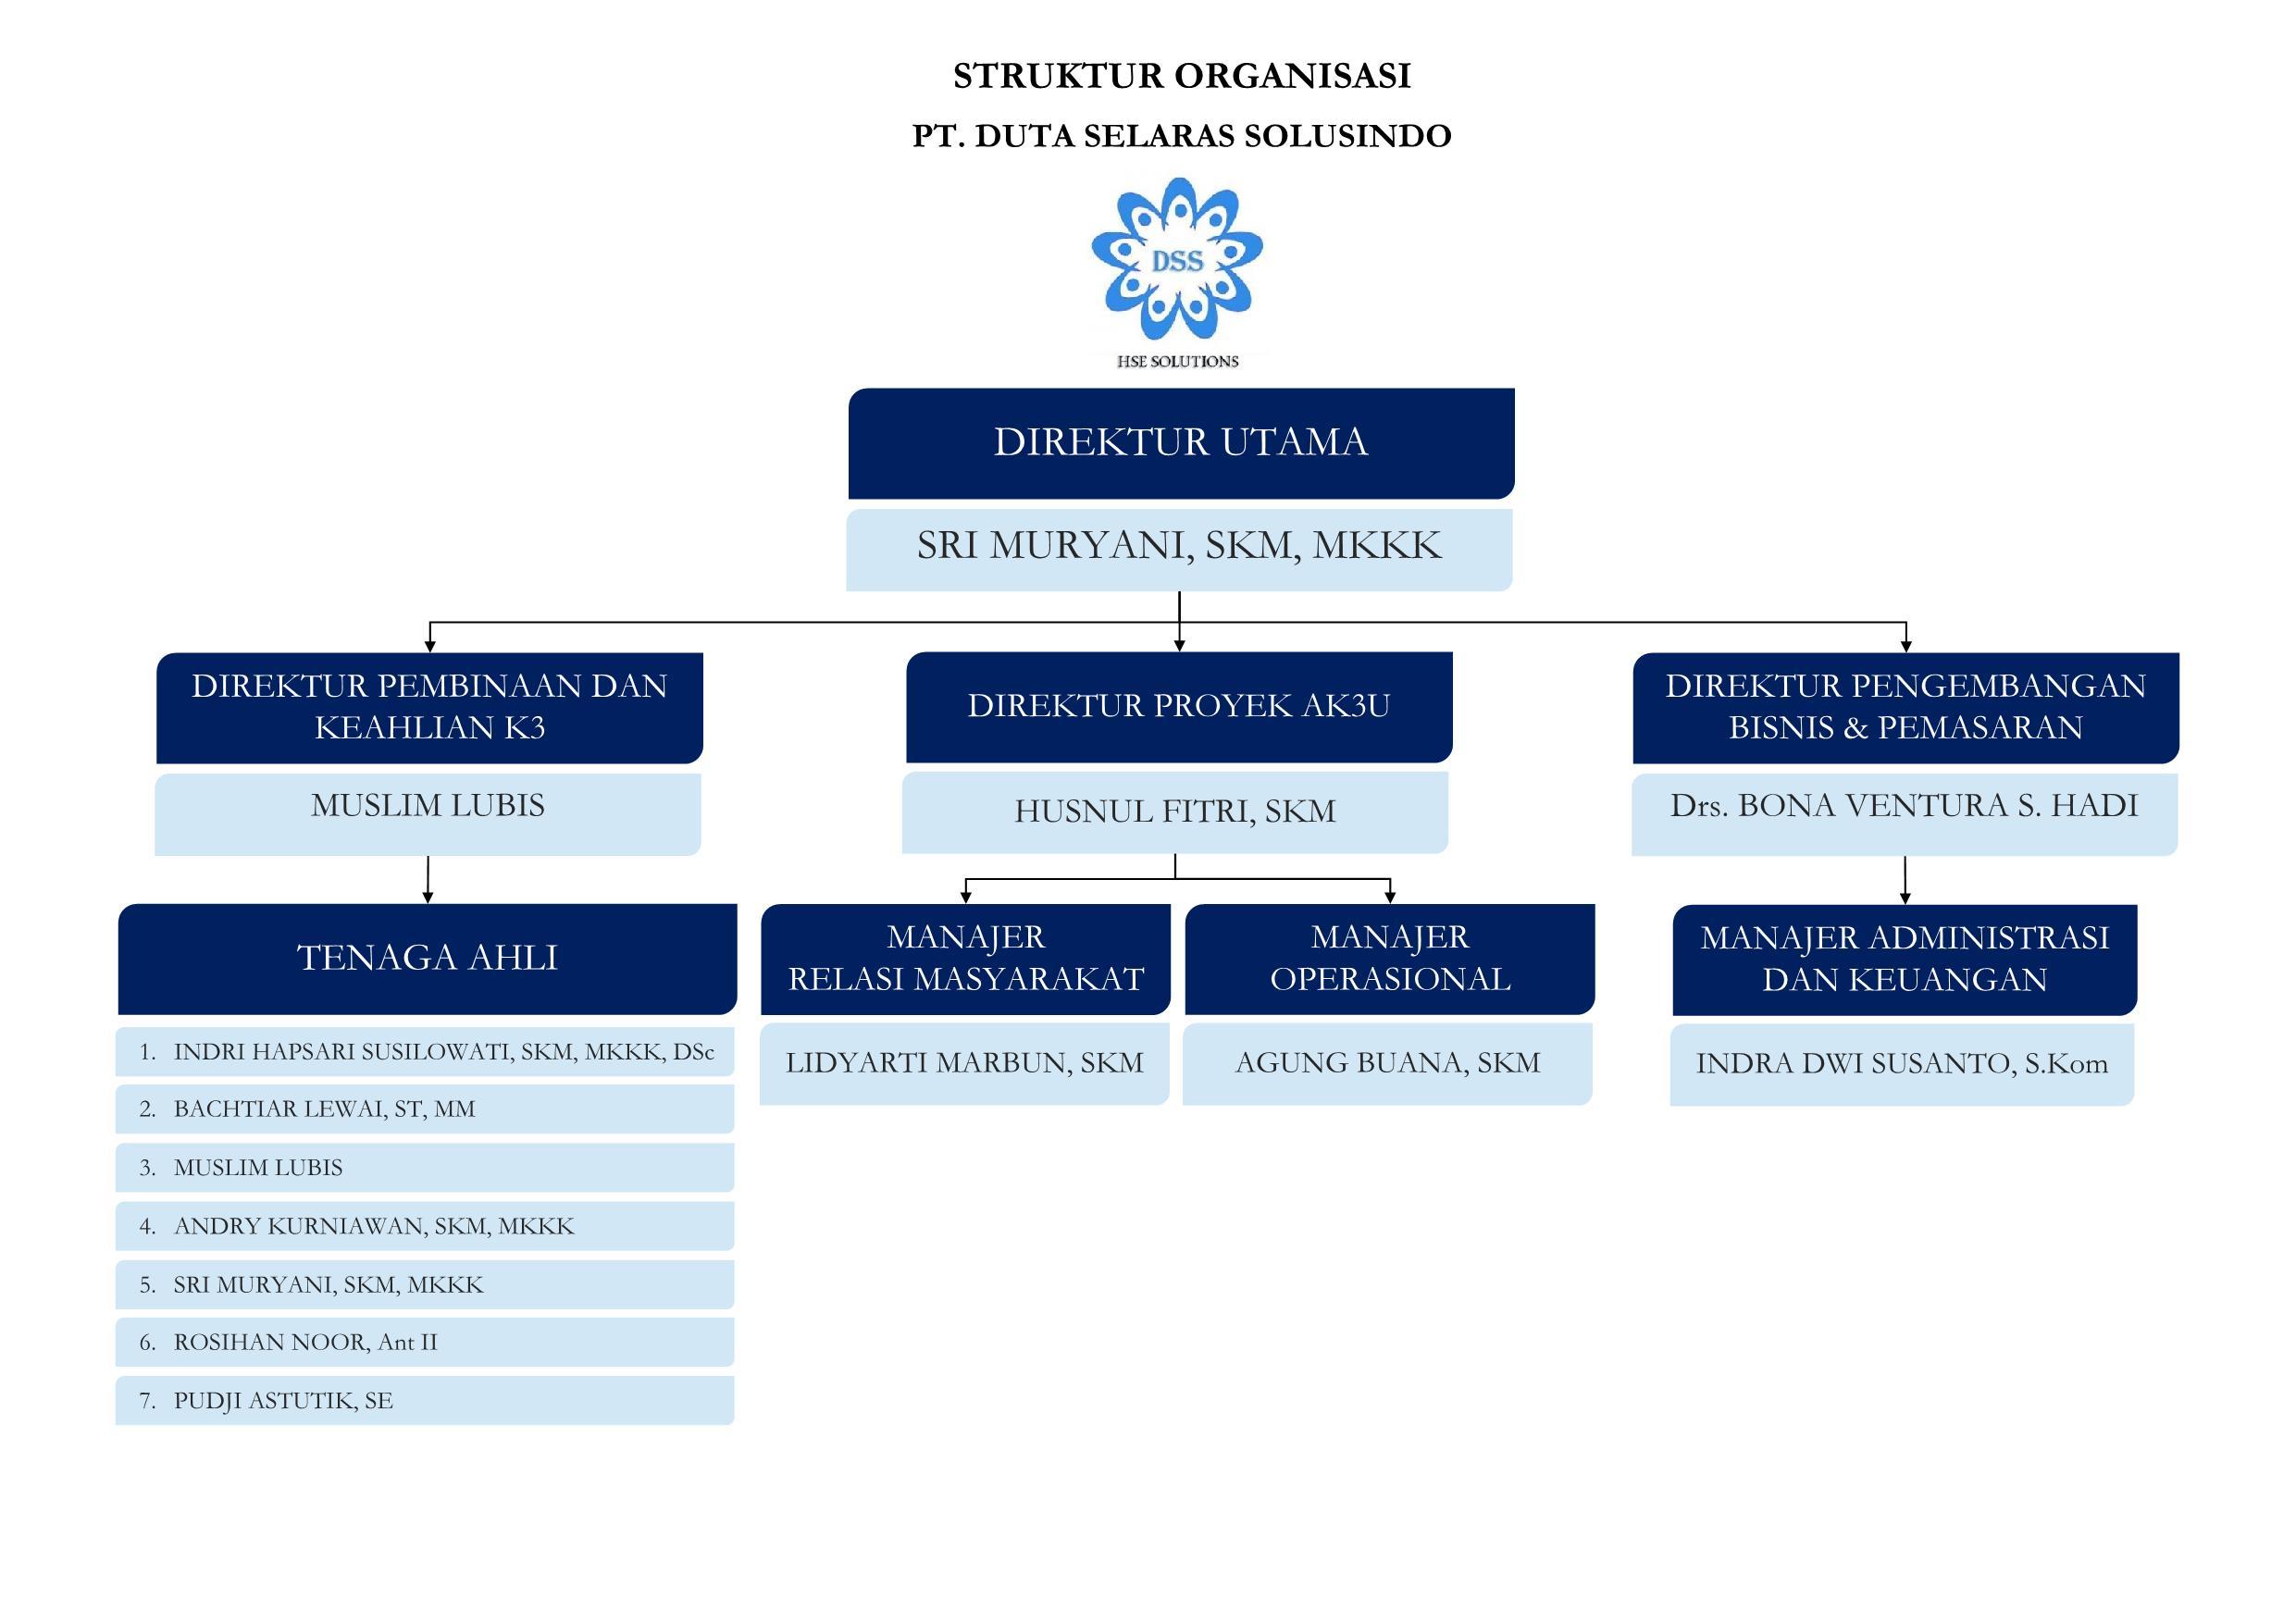 struktur-organisasi-pt-dss